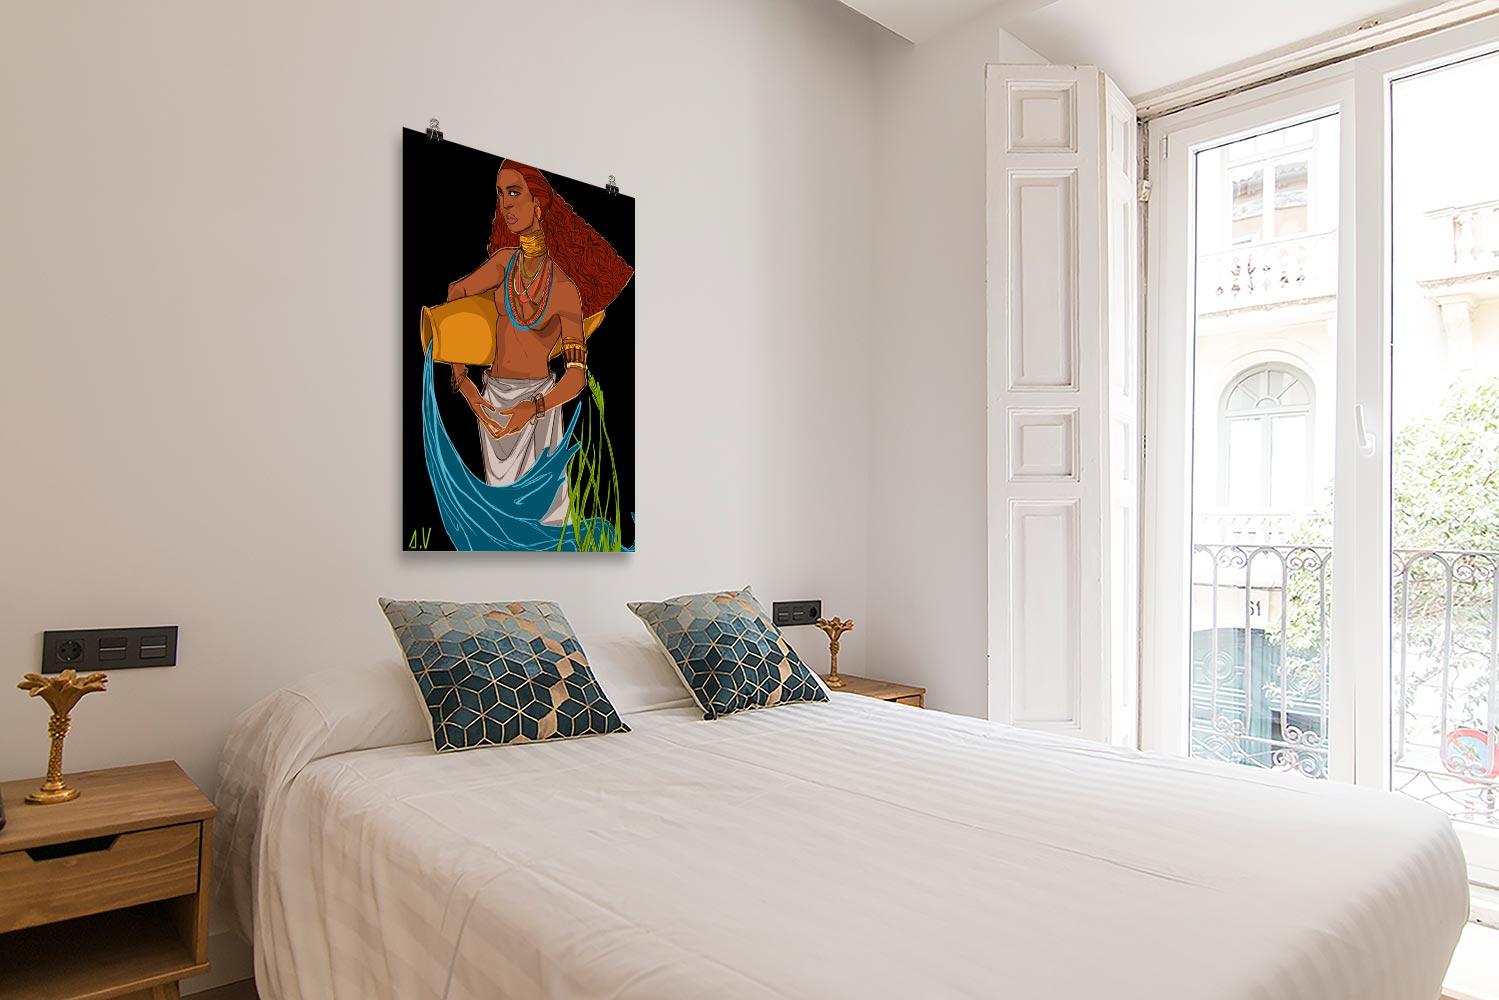 Reproducción de arte en lámina - dormitorio con balcón - El Espiritu de Acuario - Diseño Digital - Zodiaco - Ilustración -pintado por Aida Valdayo